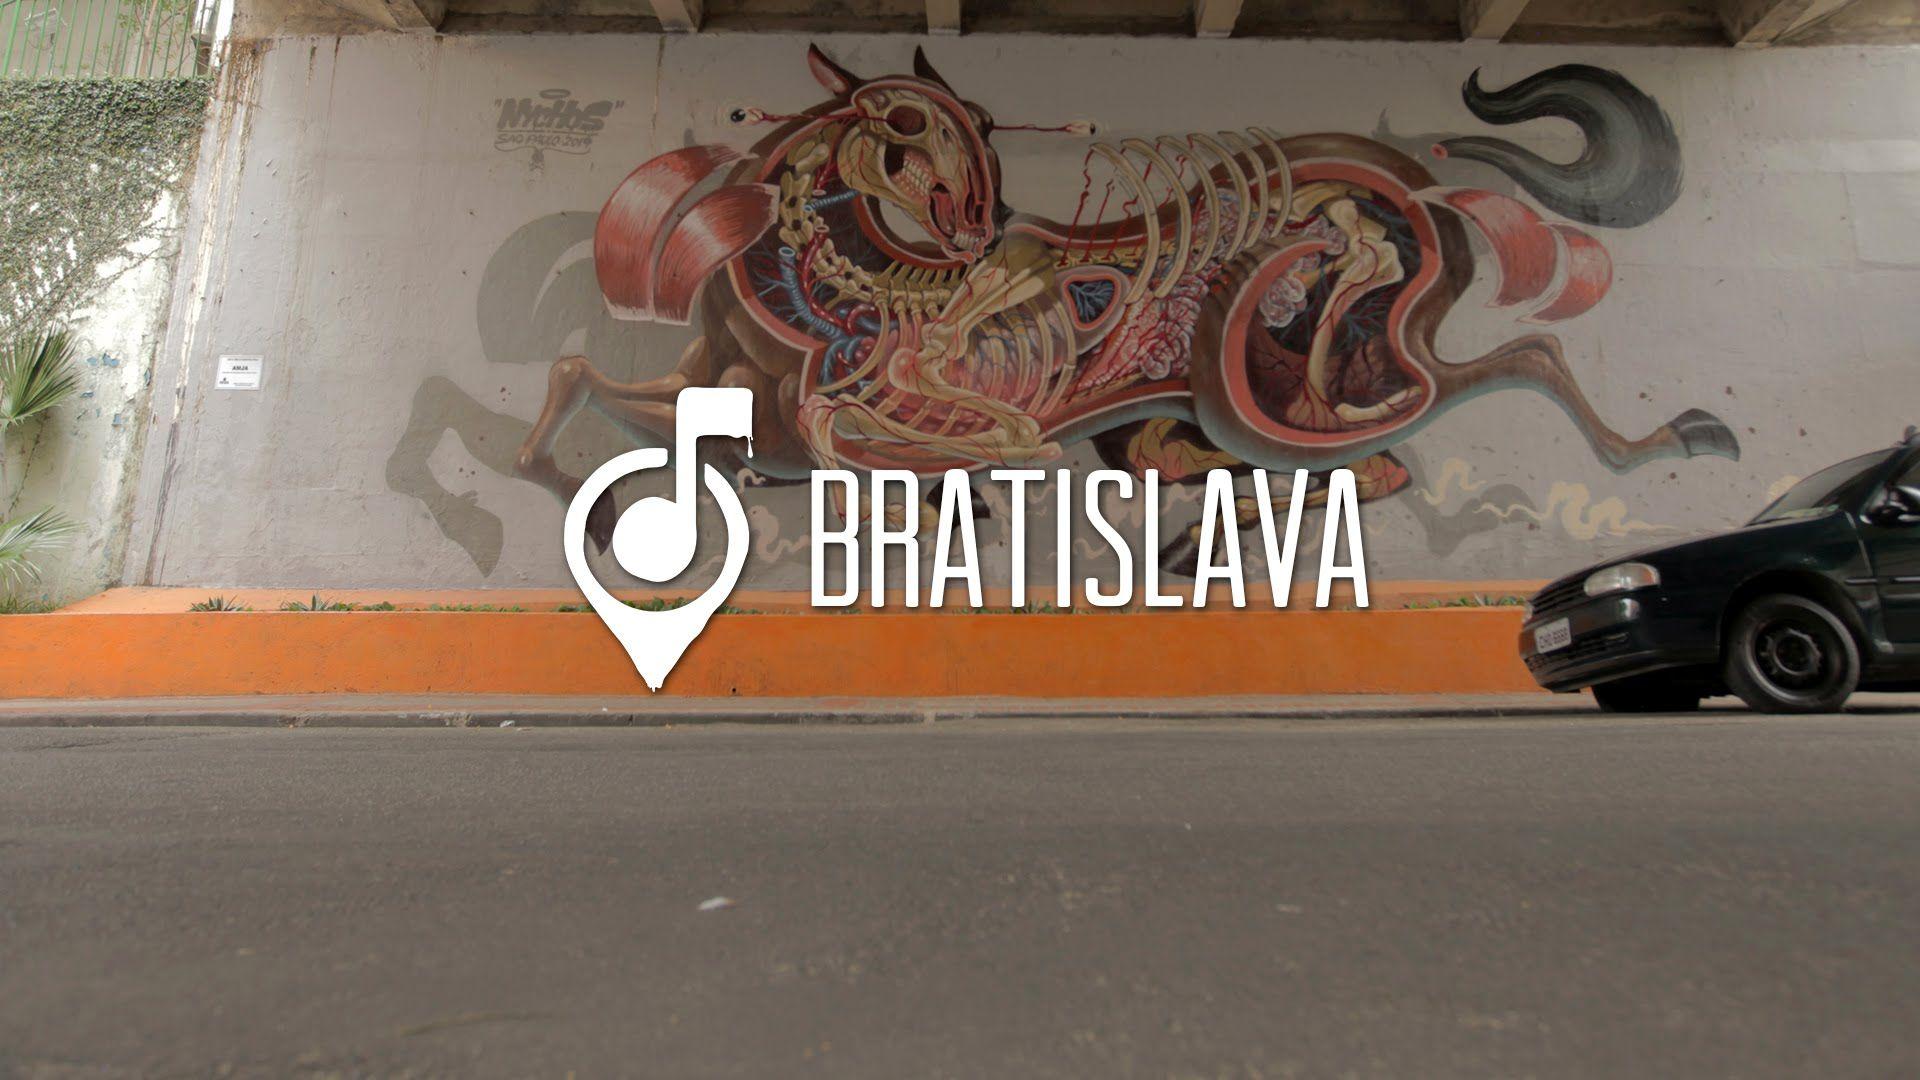 bratislava - na rua